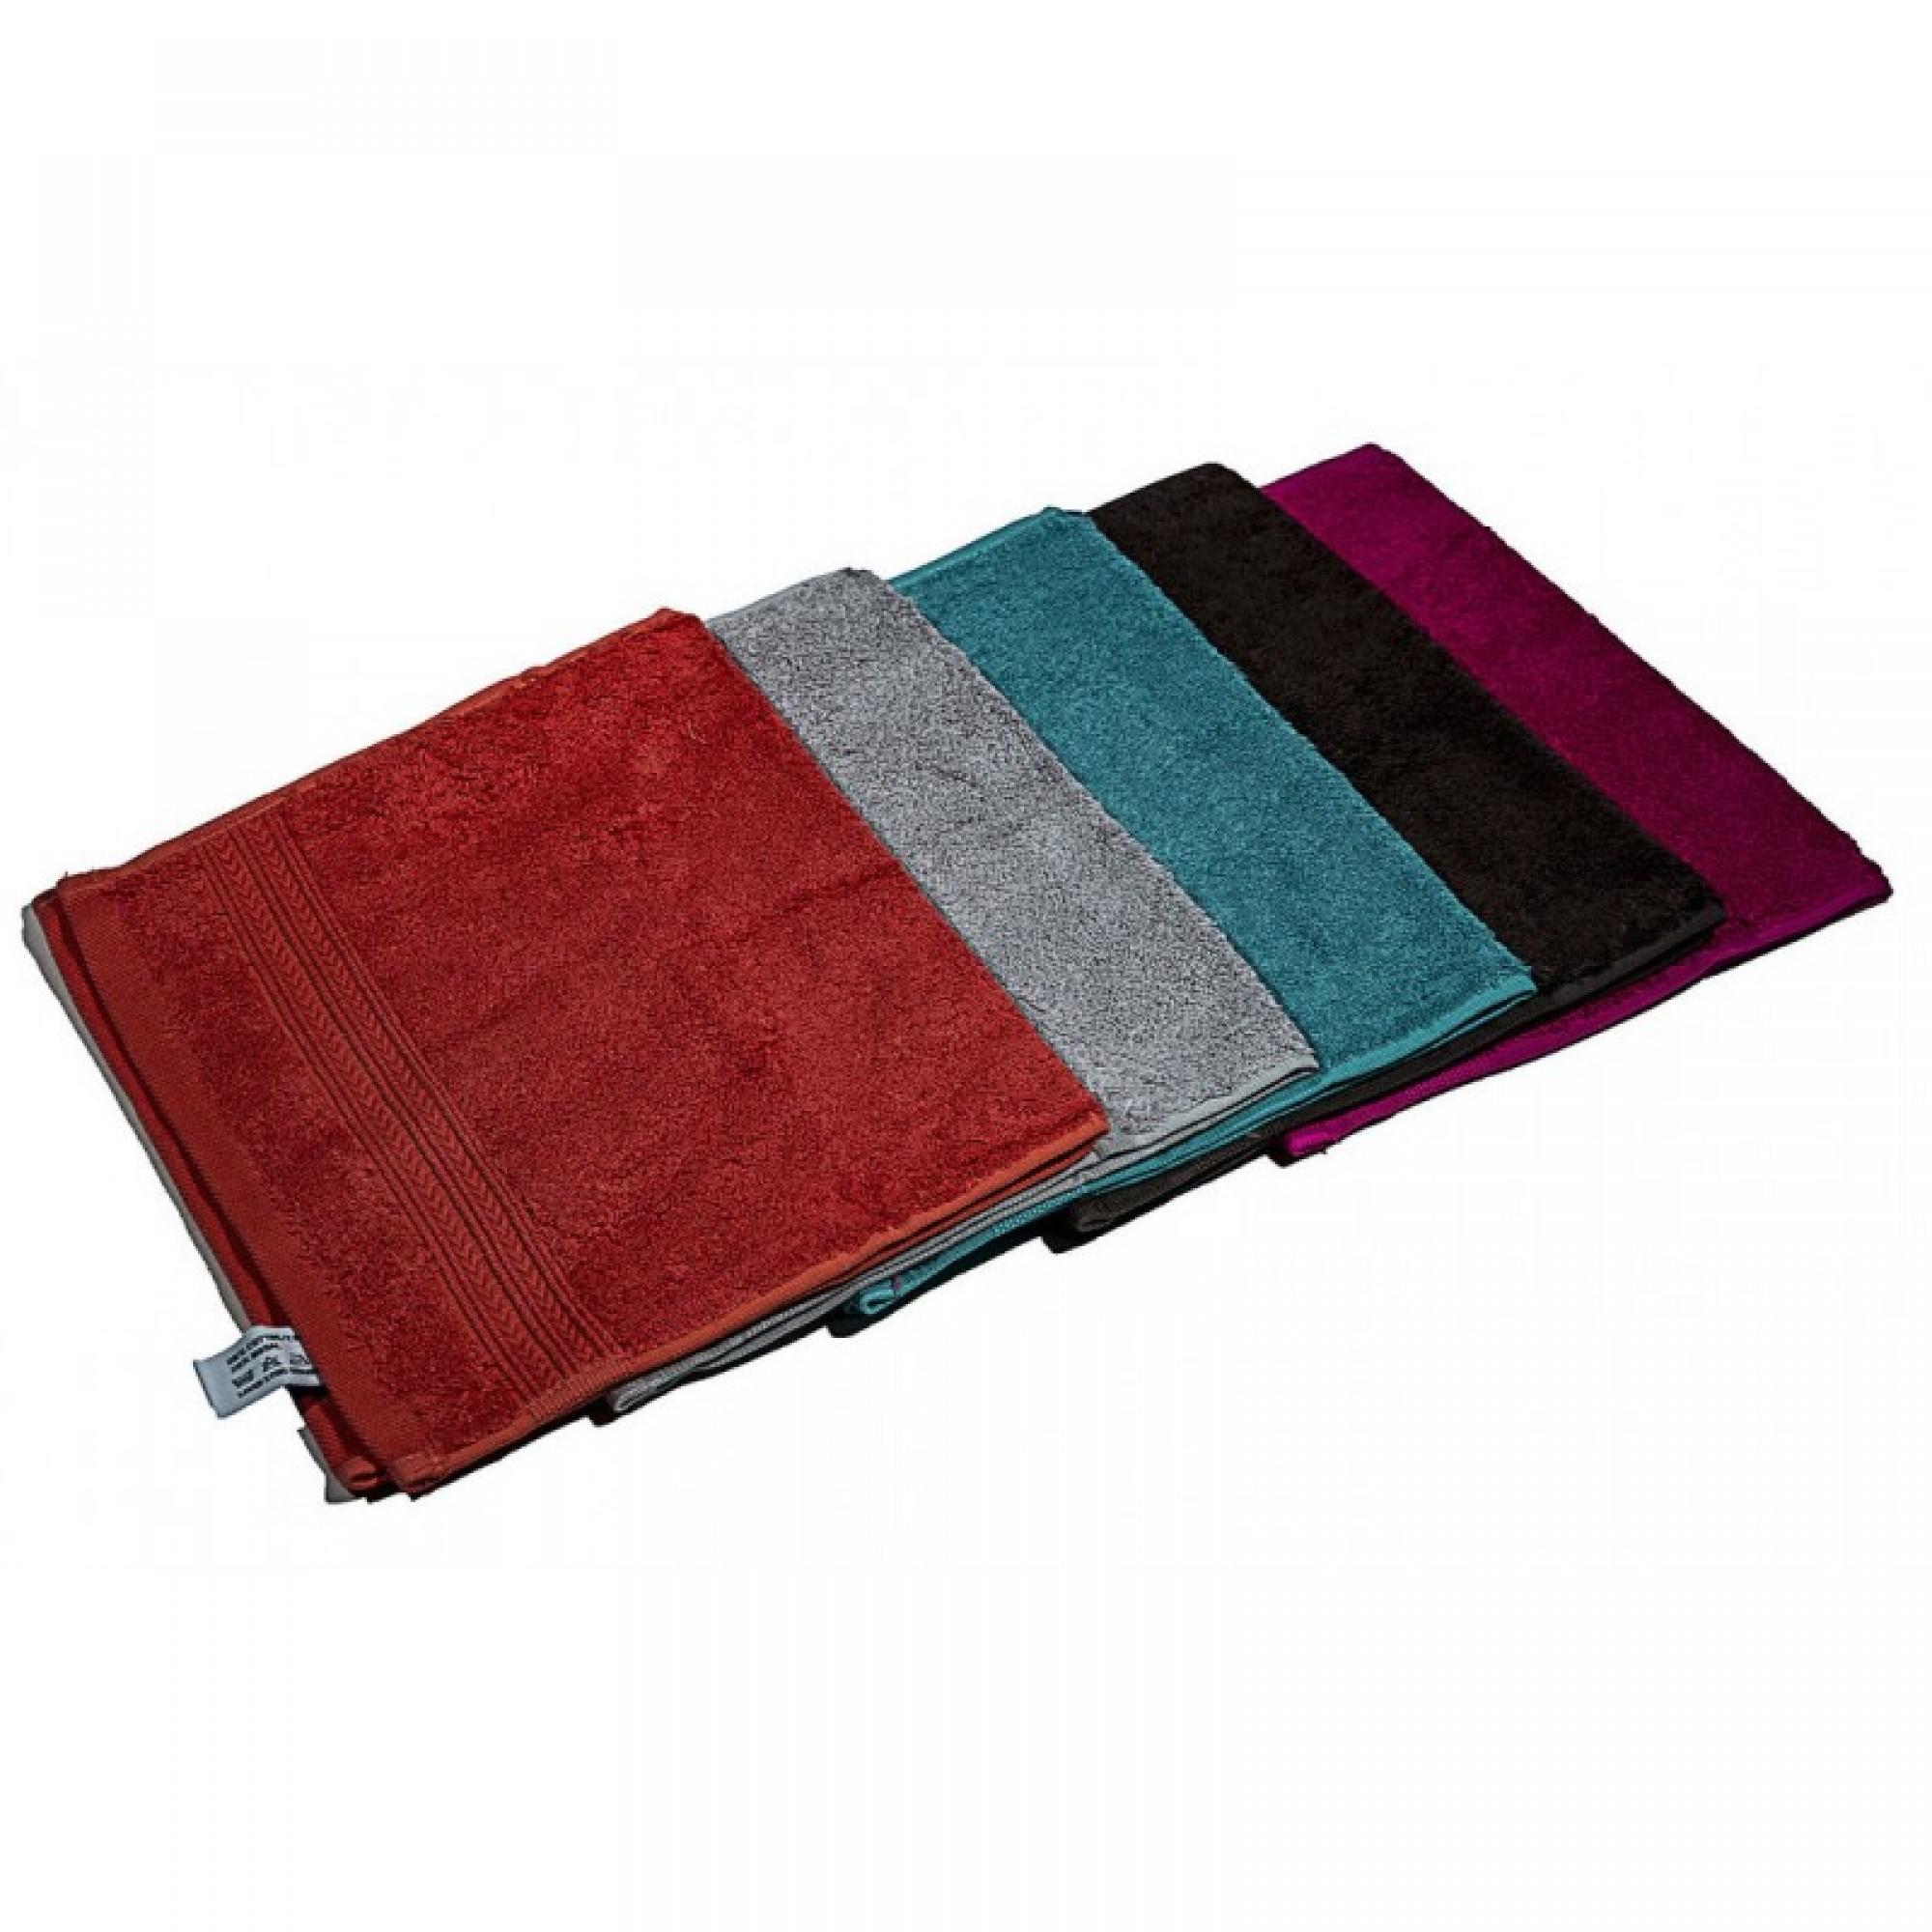 Хавлиена кърпа Fluffy - 100% Памук